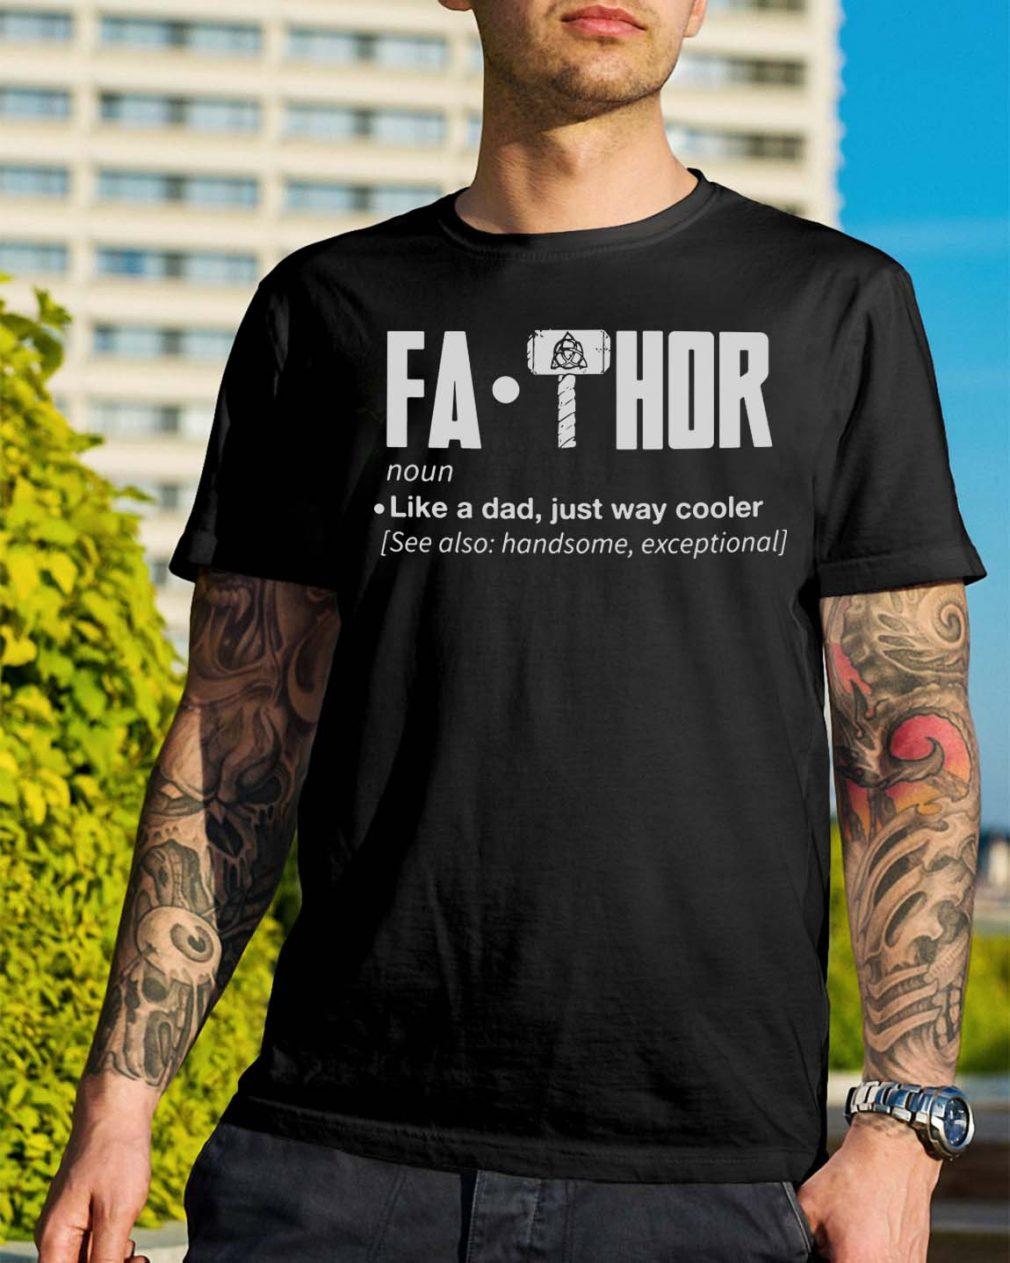 Fa-Thor noun like a dad just way cooler shirt